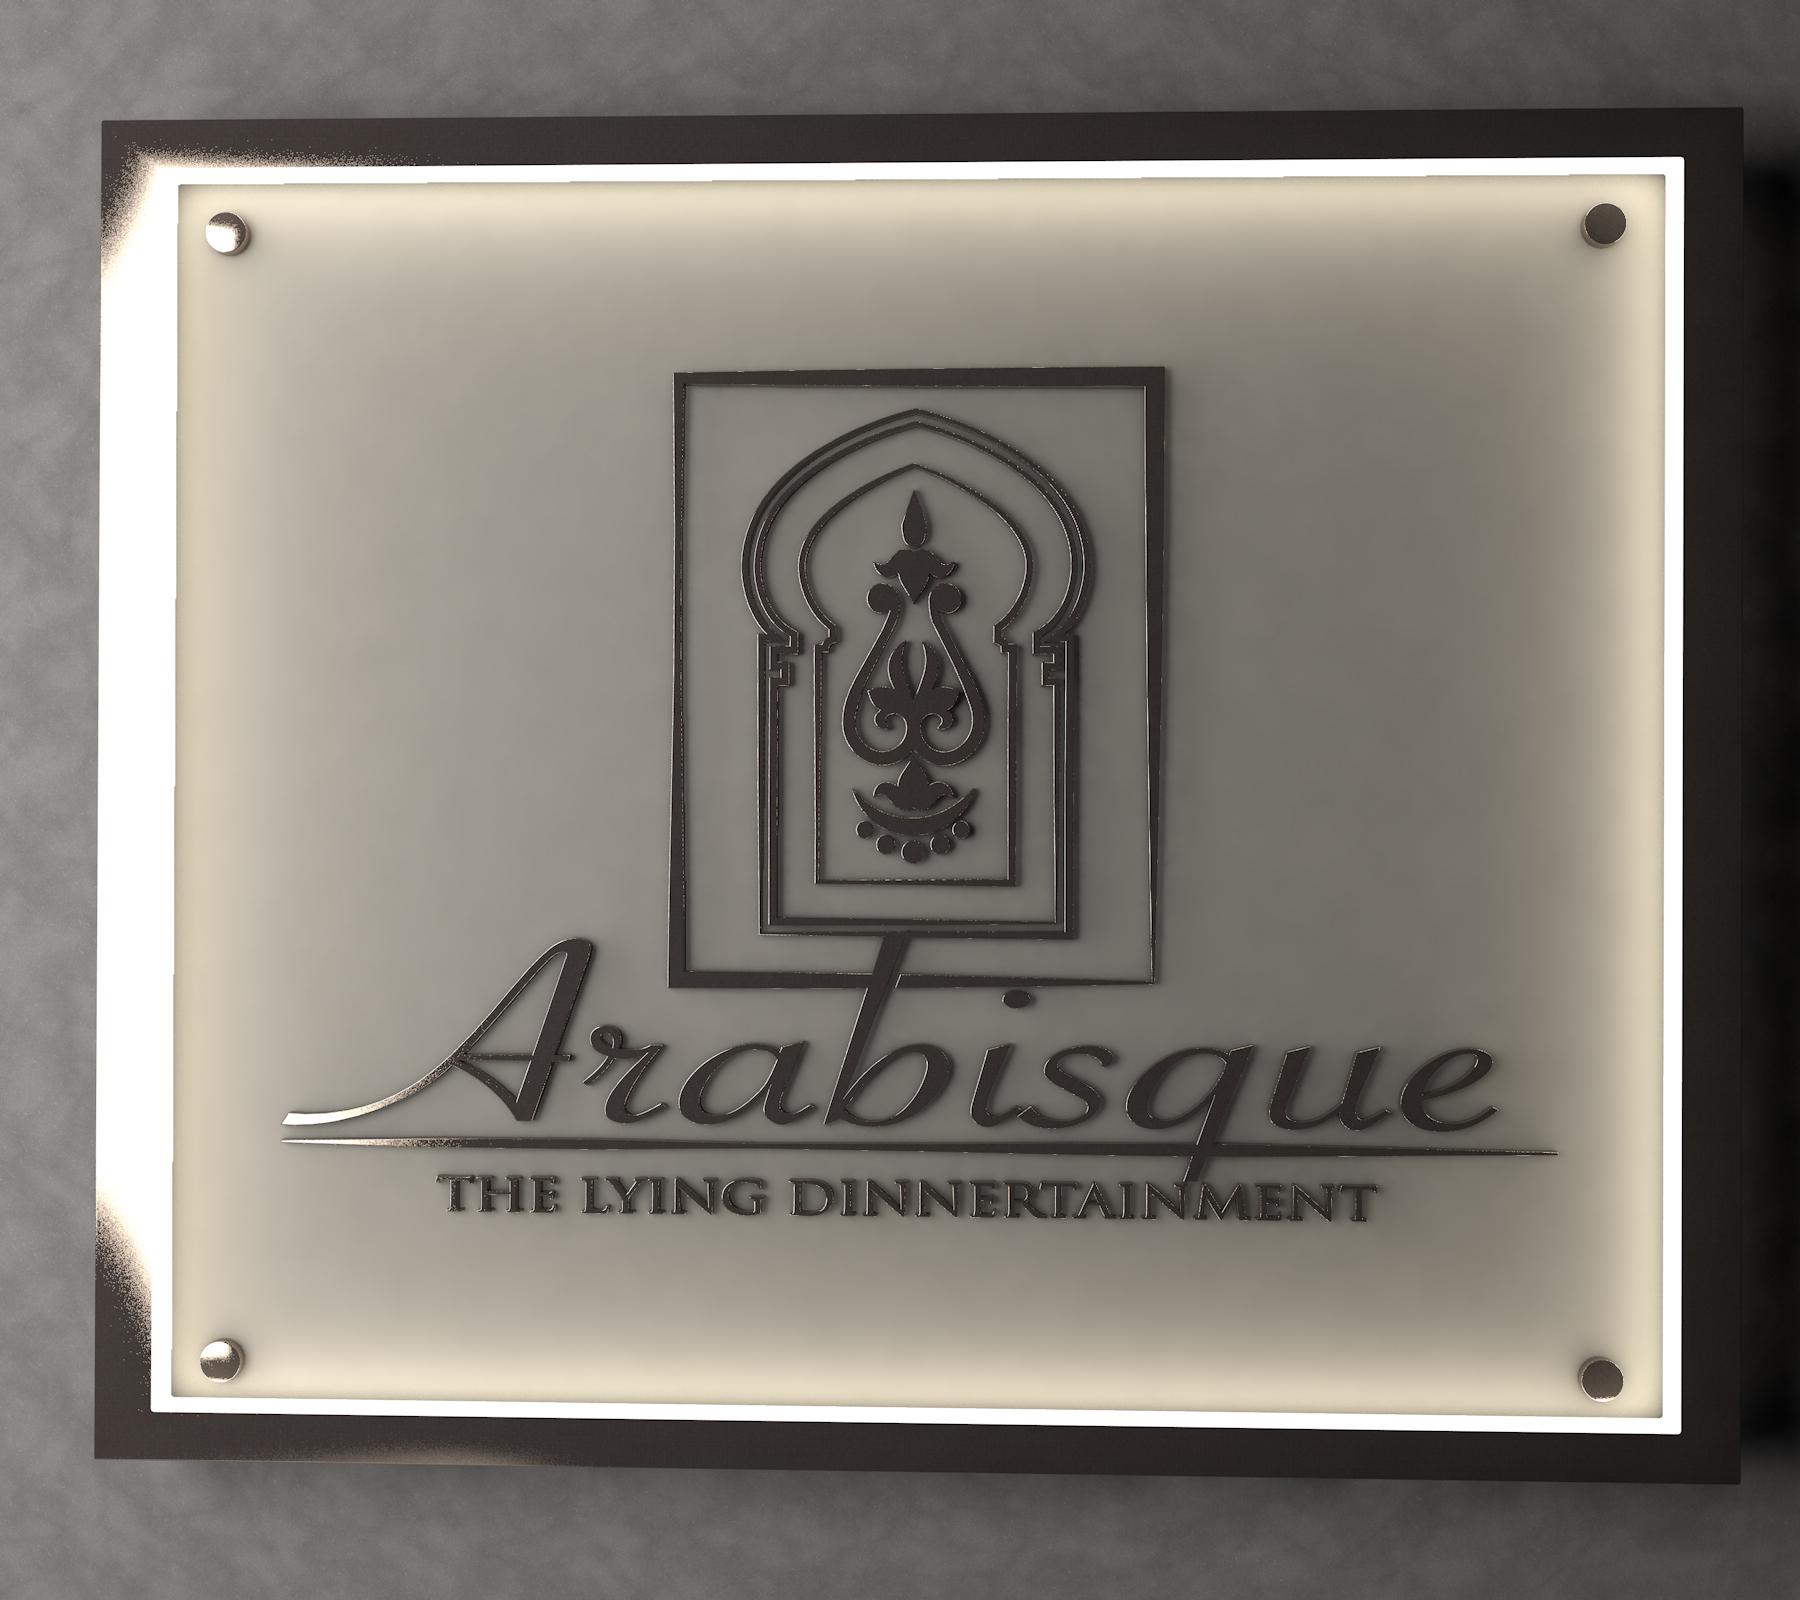 Arabique-Leuchtschild